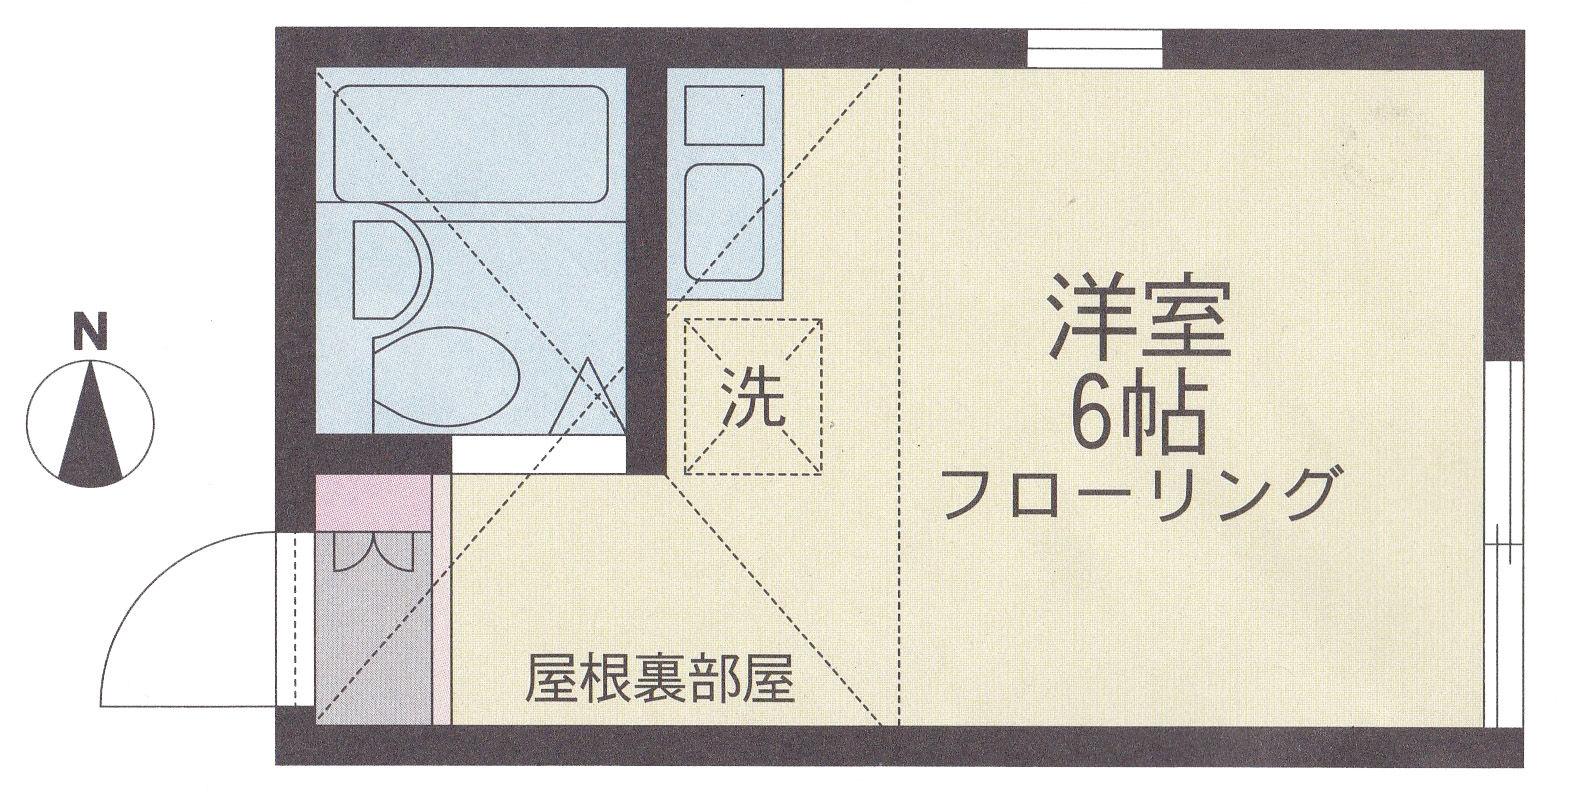 衣笠ピッカーニャ 106,203